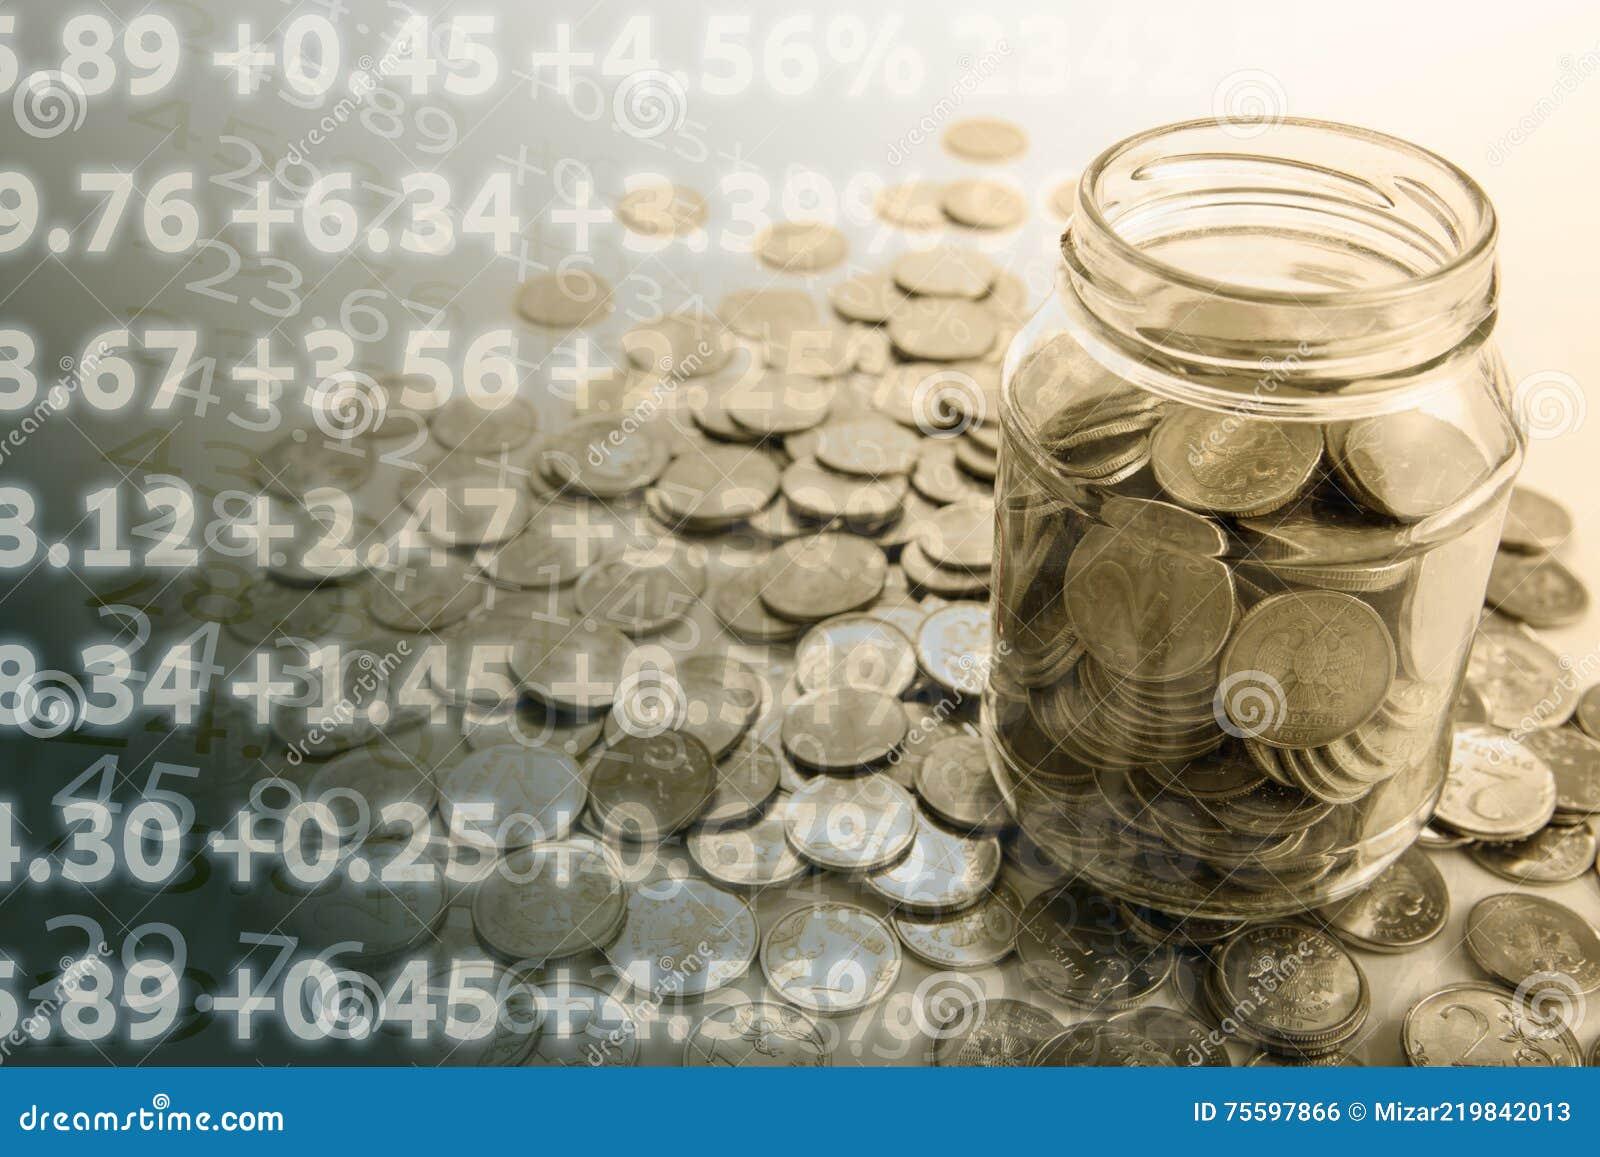 Банк с монетками и подсчитывать